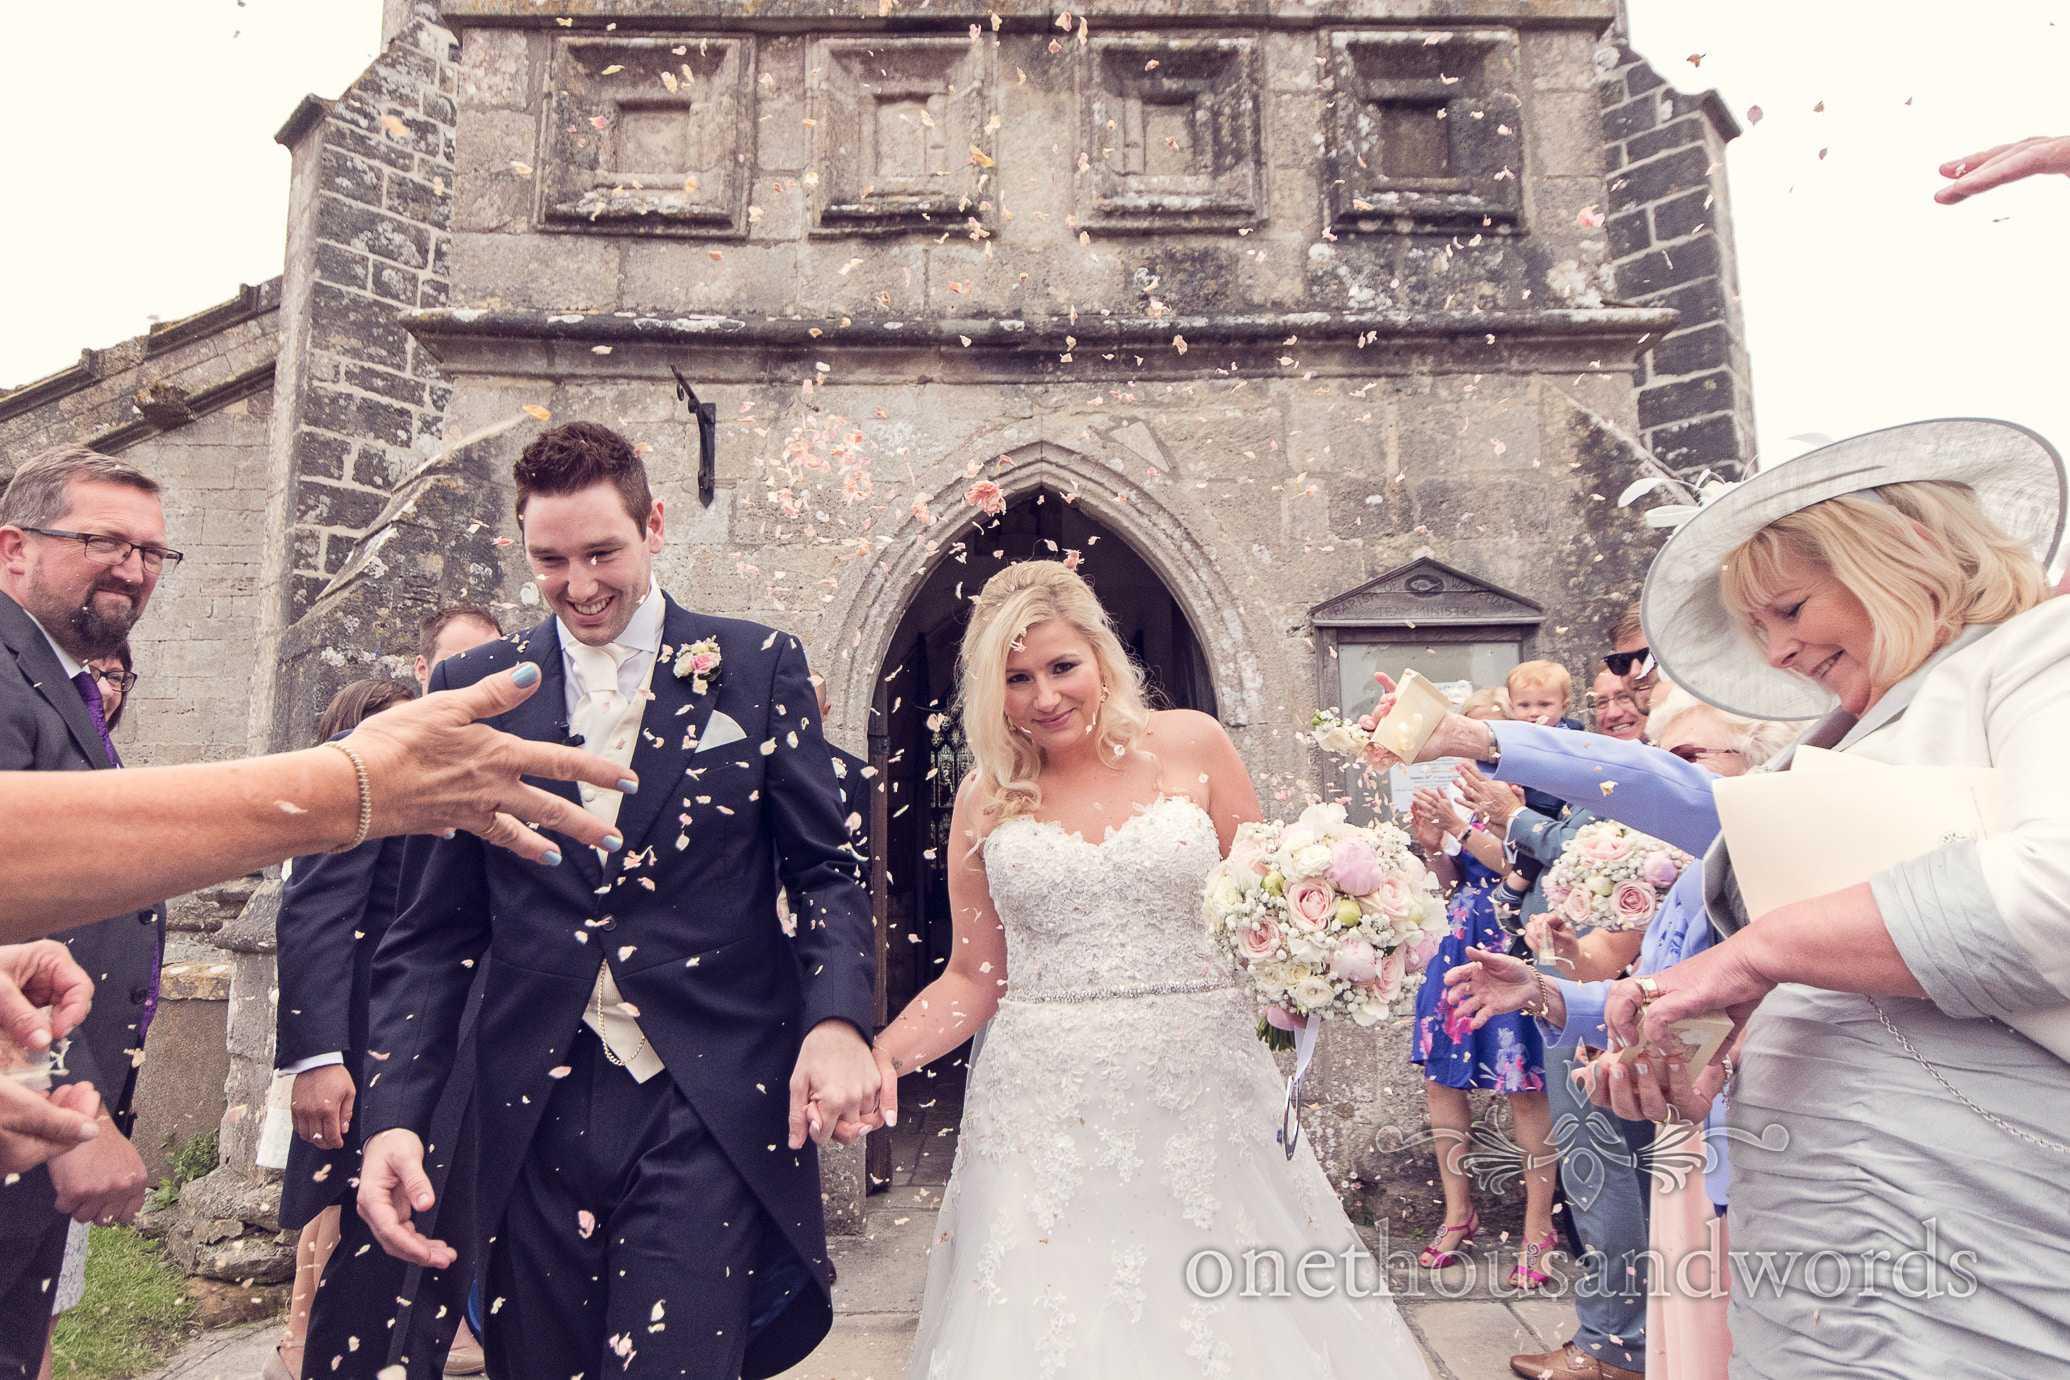 Wedding confetti outside St Marys Church wedding in Wareham, Dorset